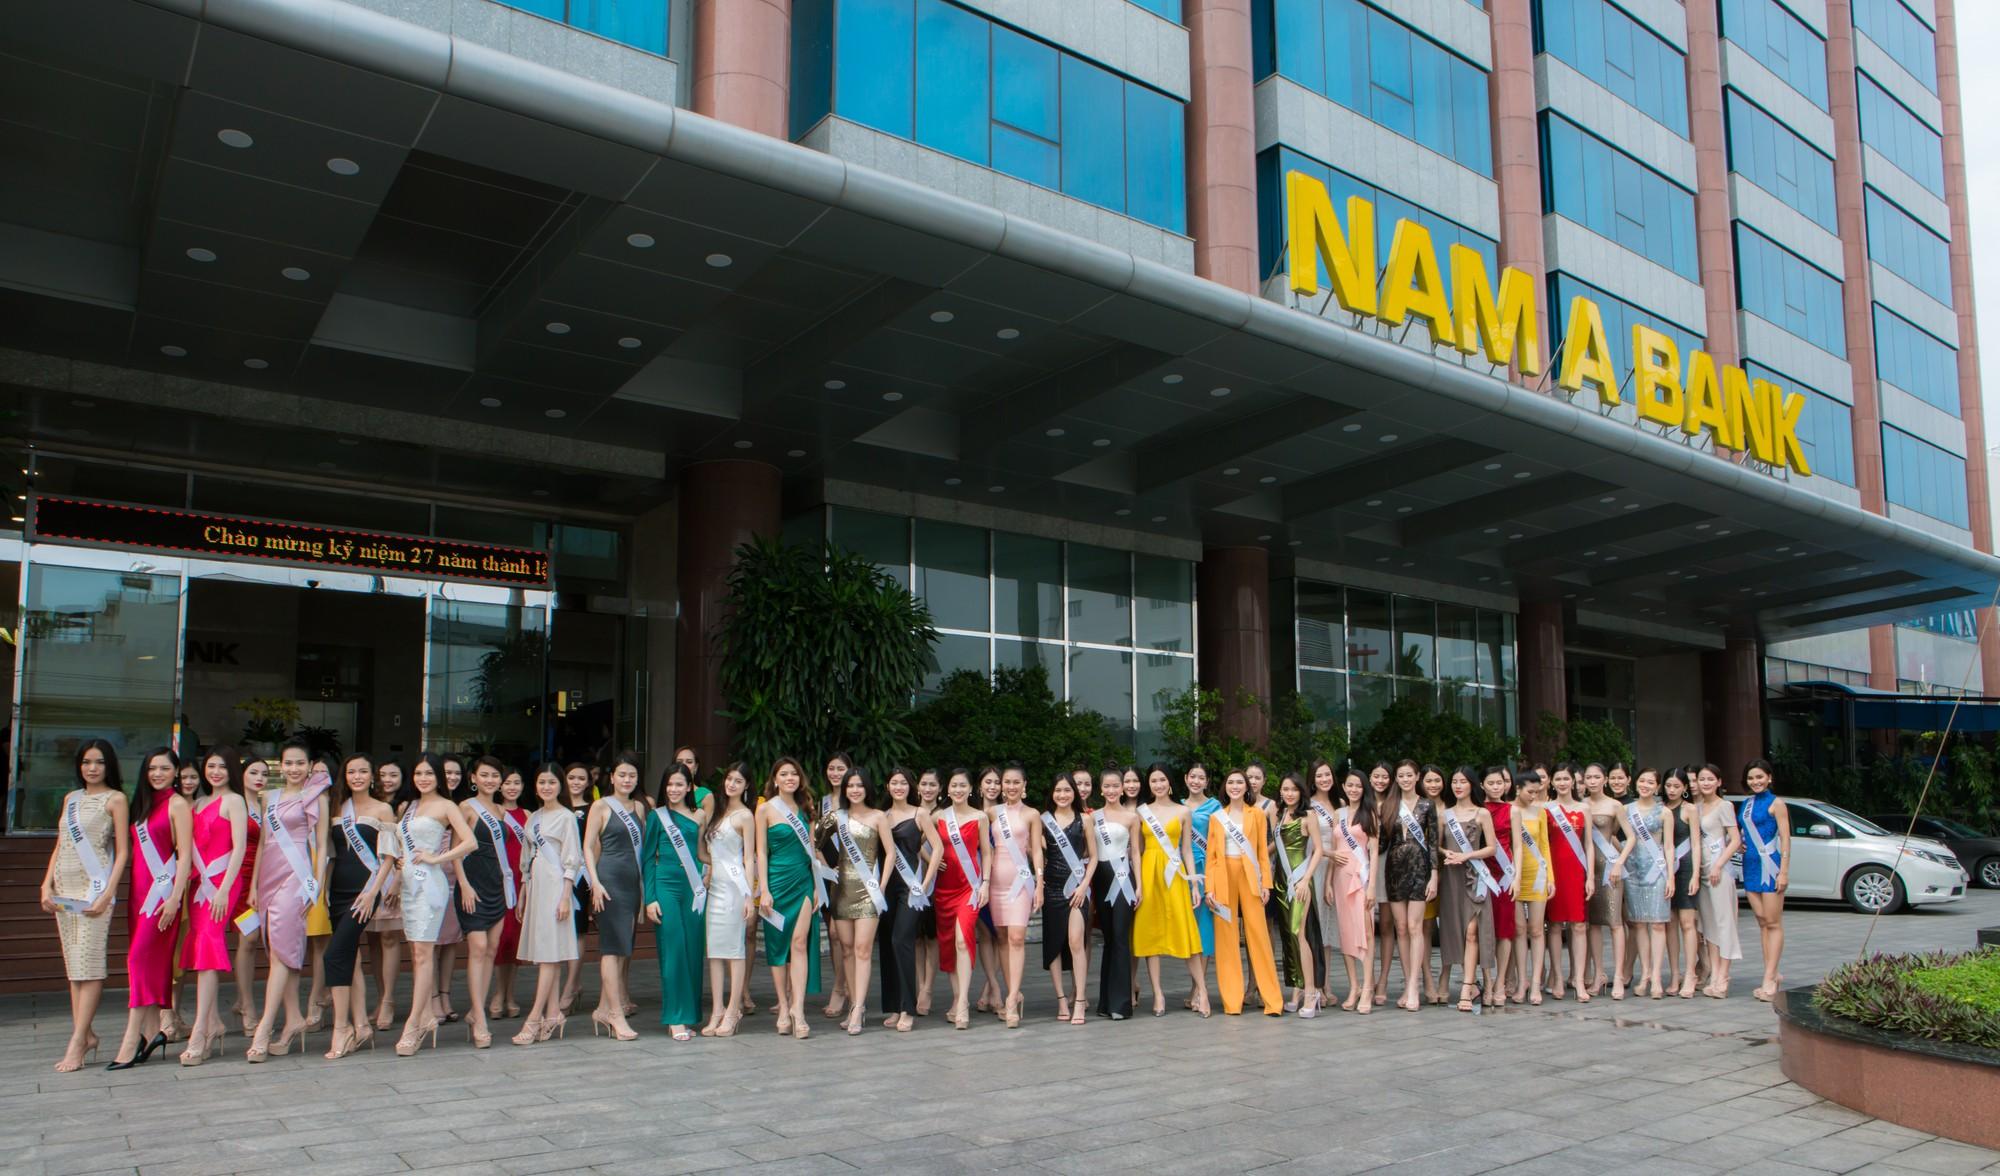 Top 60 Hoa hậu Hoàn vũ Việt Nam 2019 trải nghiệm sản phẩm dịch vụ tài chính hiện đại tại Nam A Bank - Ảnh 6.